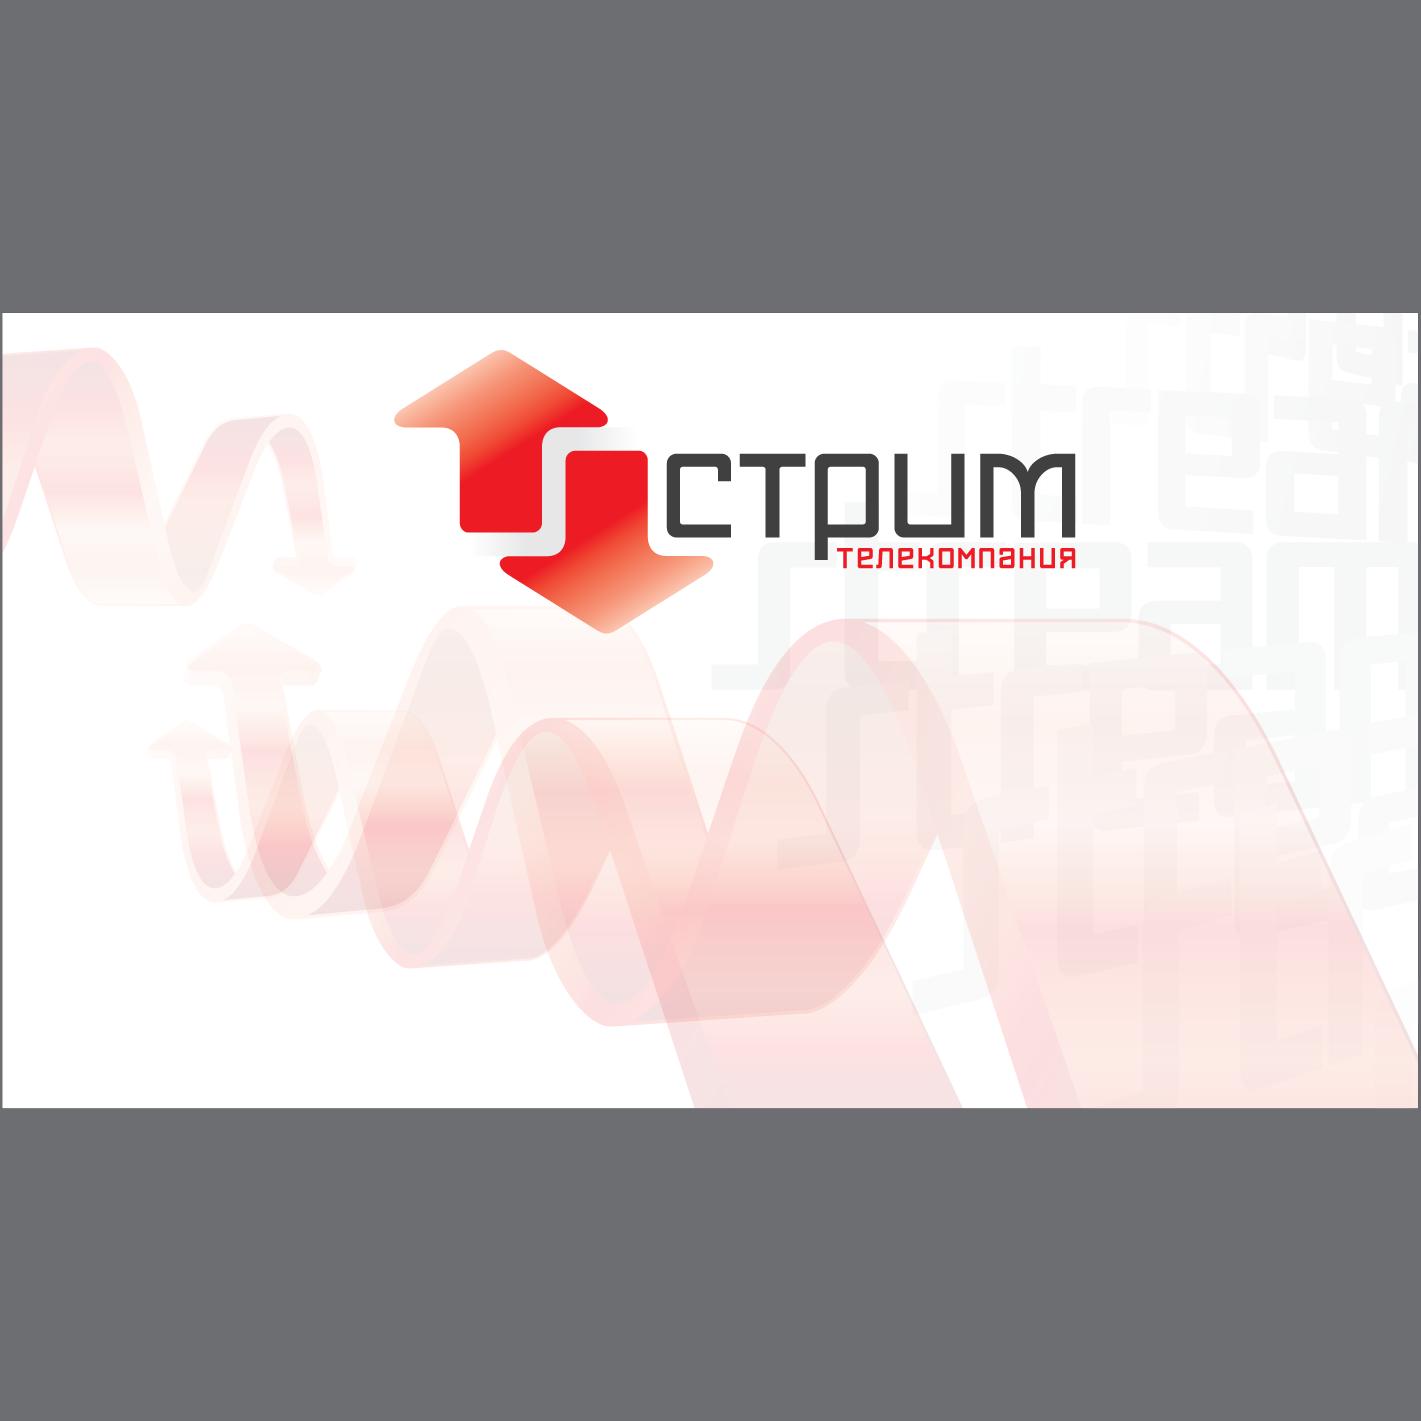 Создание концепции заставки и логотипа (телеканал) фото f_301566ec3d6acbae.png